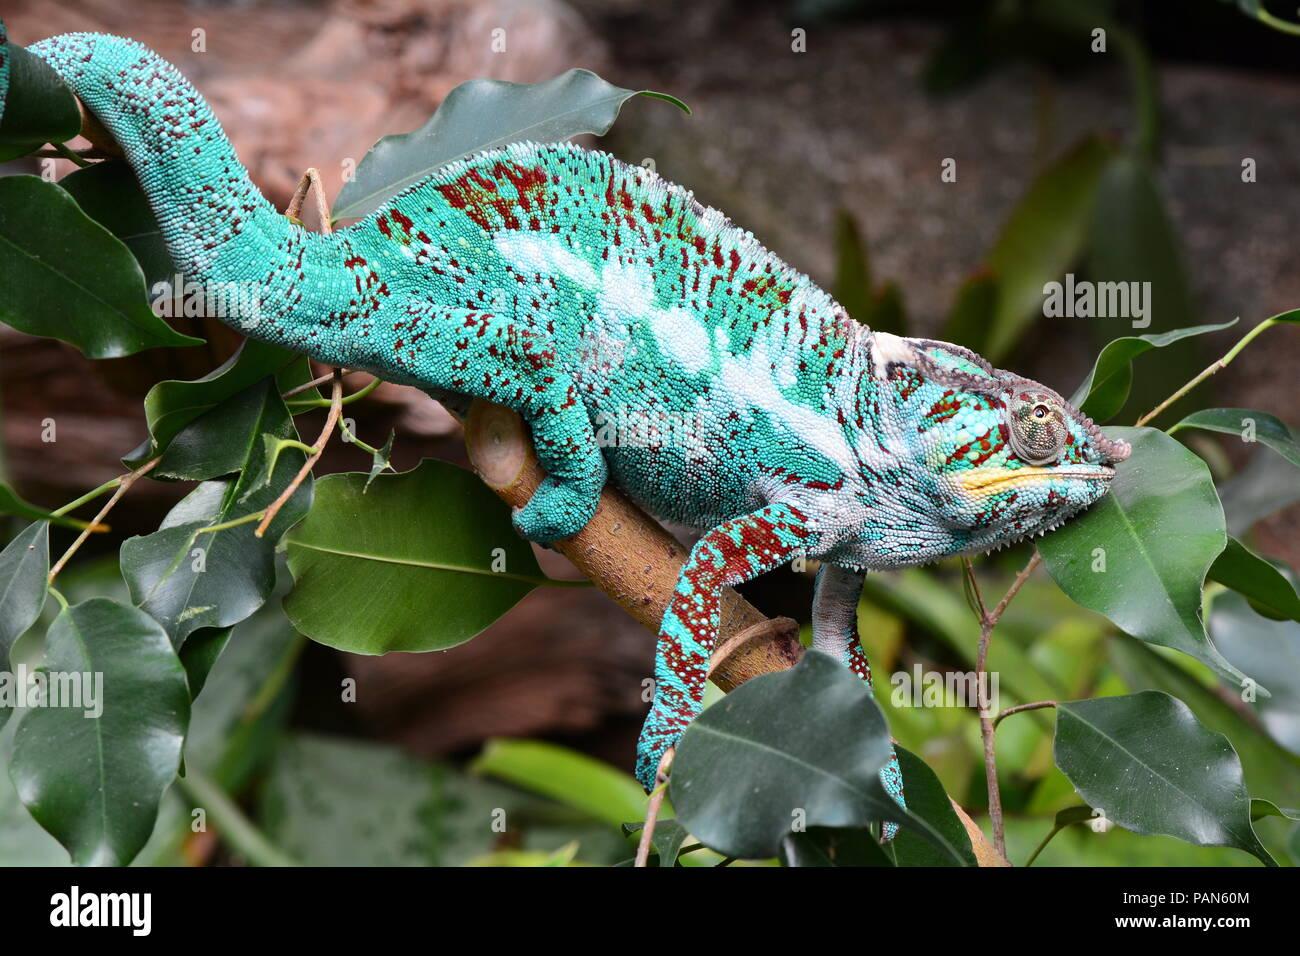 Eine bunte Chameleon Wanderungen rund um seine Umgebung zeigen ihre Schönheit. Stockbild